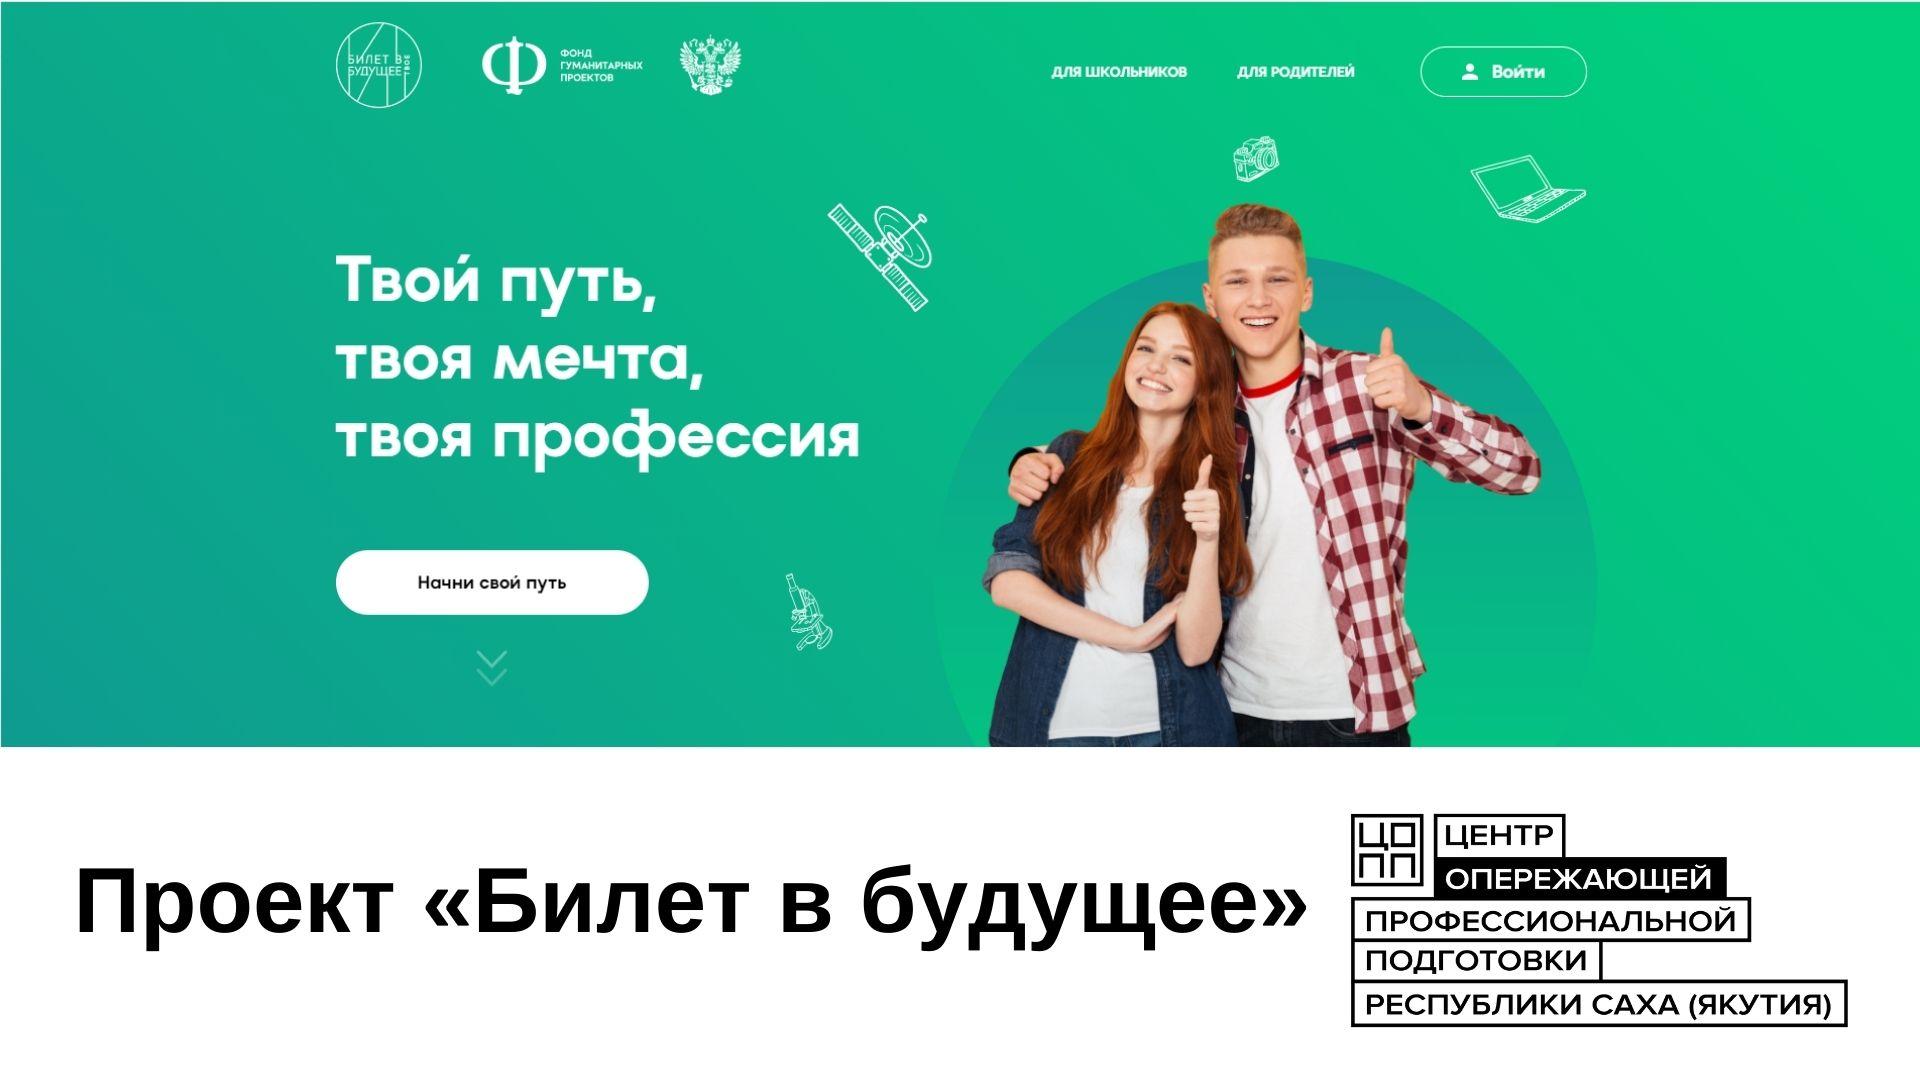 В Якутии стартует новый сезон профориентационного проекта «Билет в будущее»